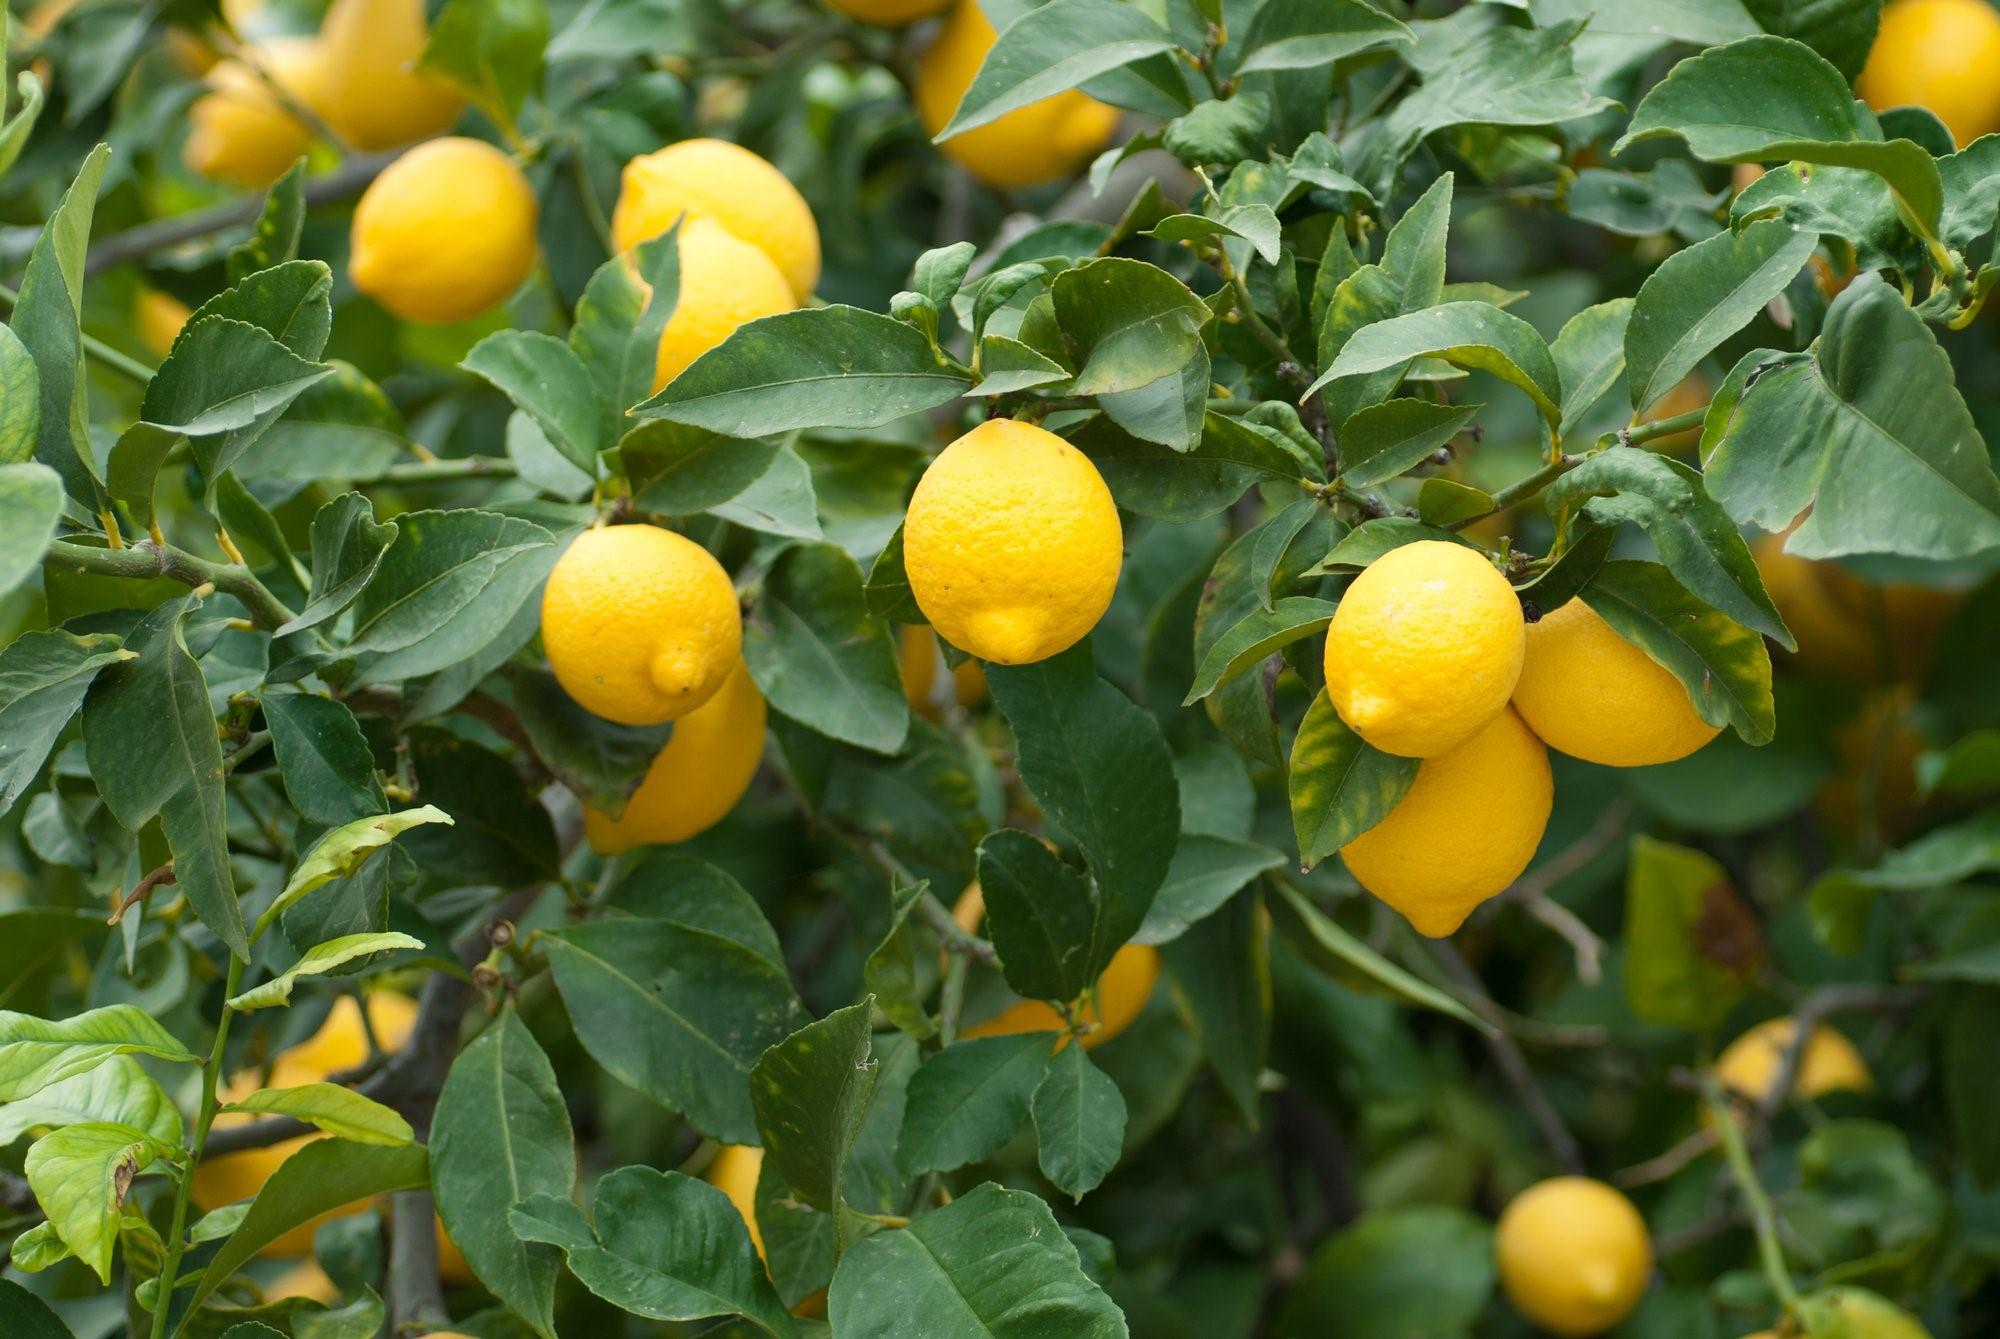 Si vous vivez dans une région exposée au soleil pendant au moins 8 heures par jour toute l'année et qui ne descend jamais au-dessous de 10 ° C environ, vous pouvez planter votre citronnier à l'extérieur dans le sol.